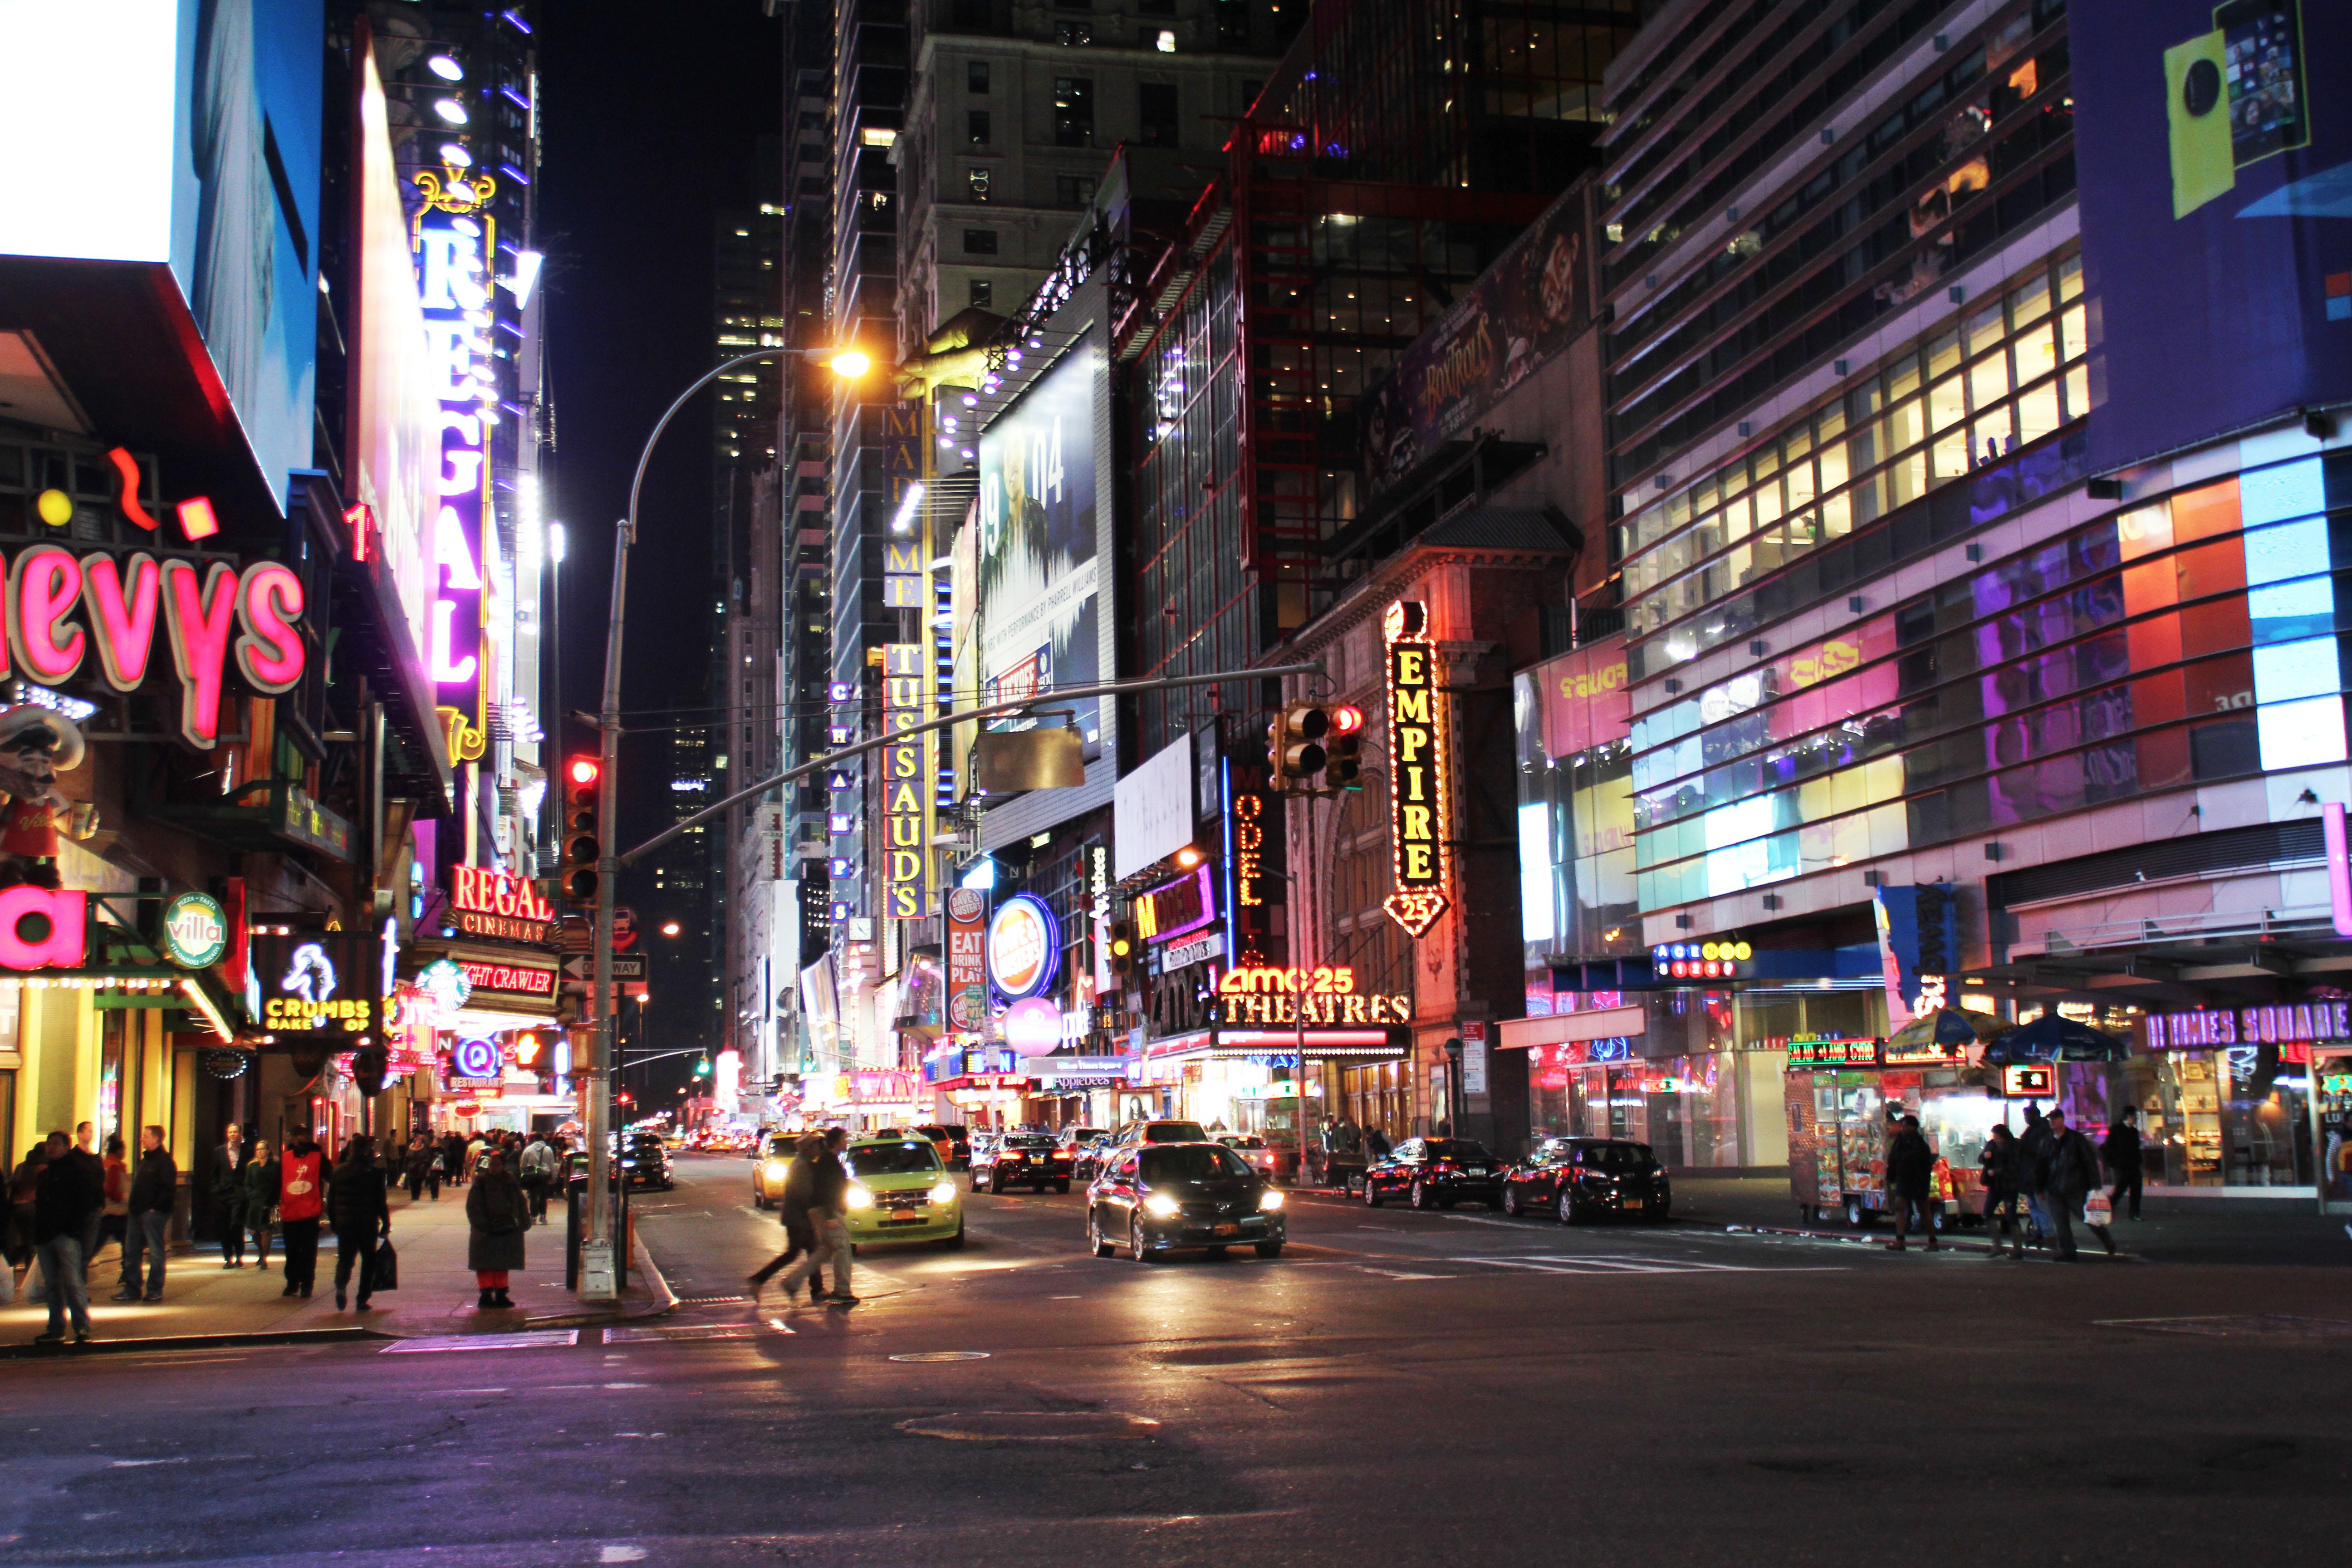 Cinque giorni a New York sono mille battiti al minuto 16